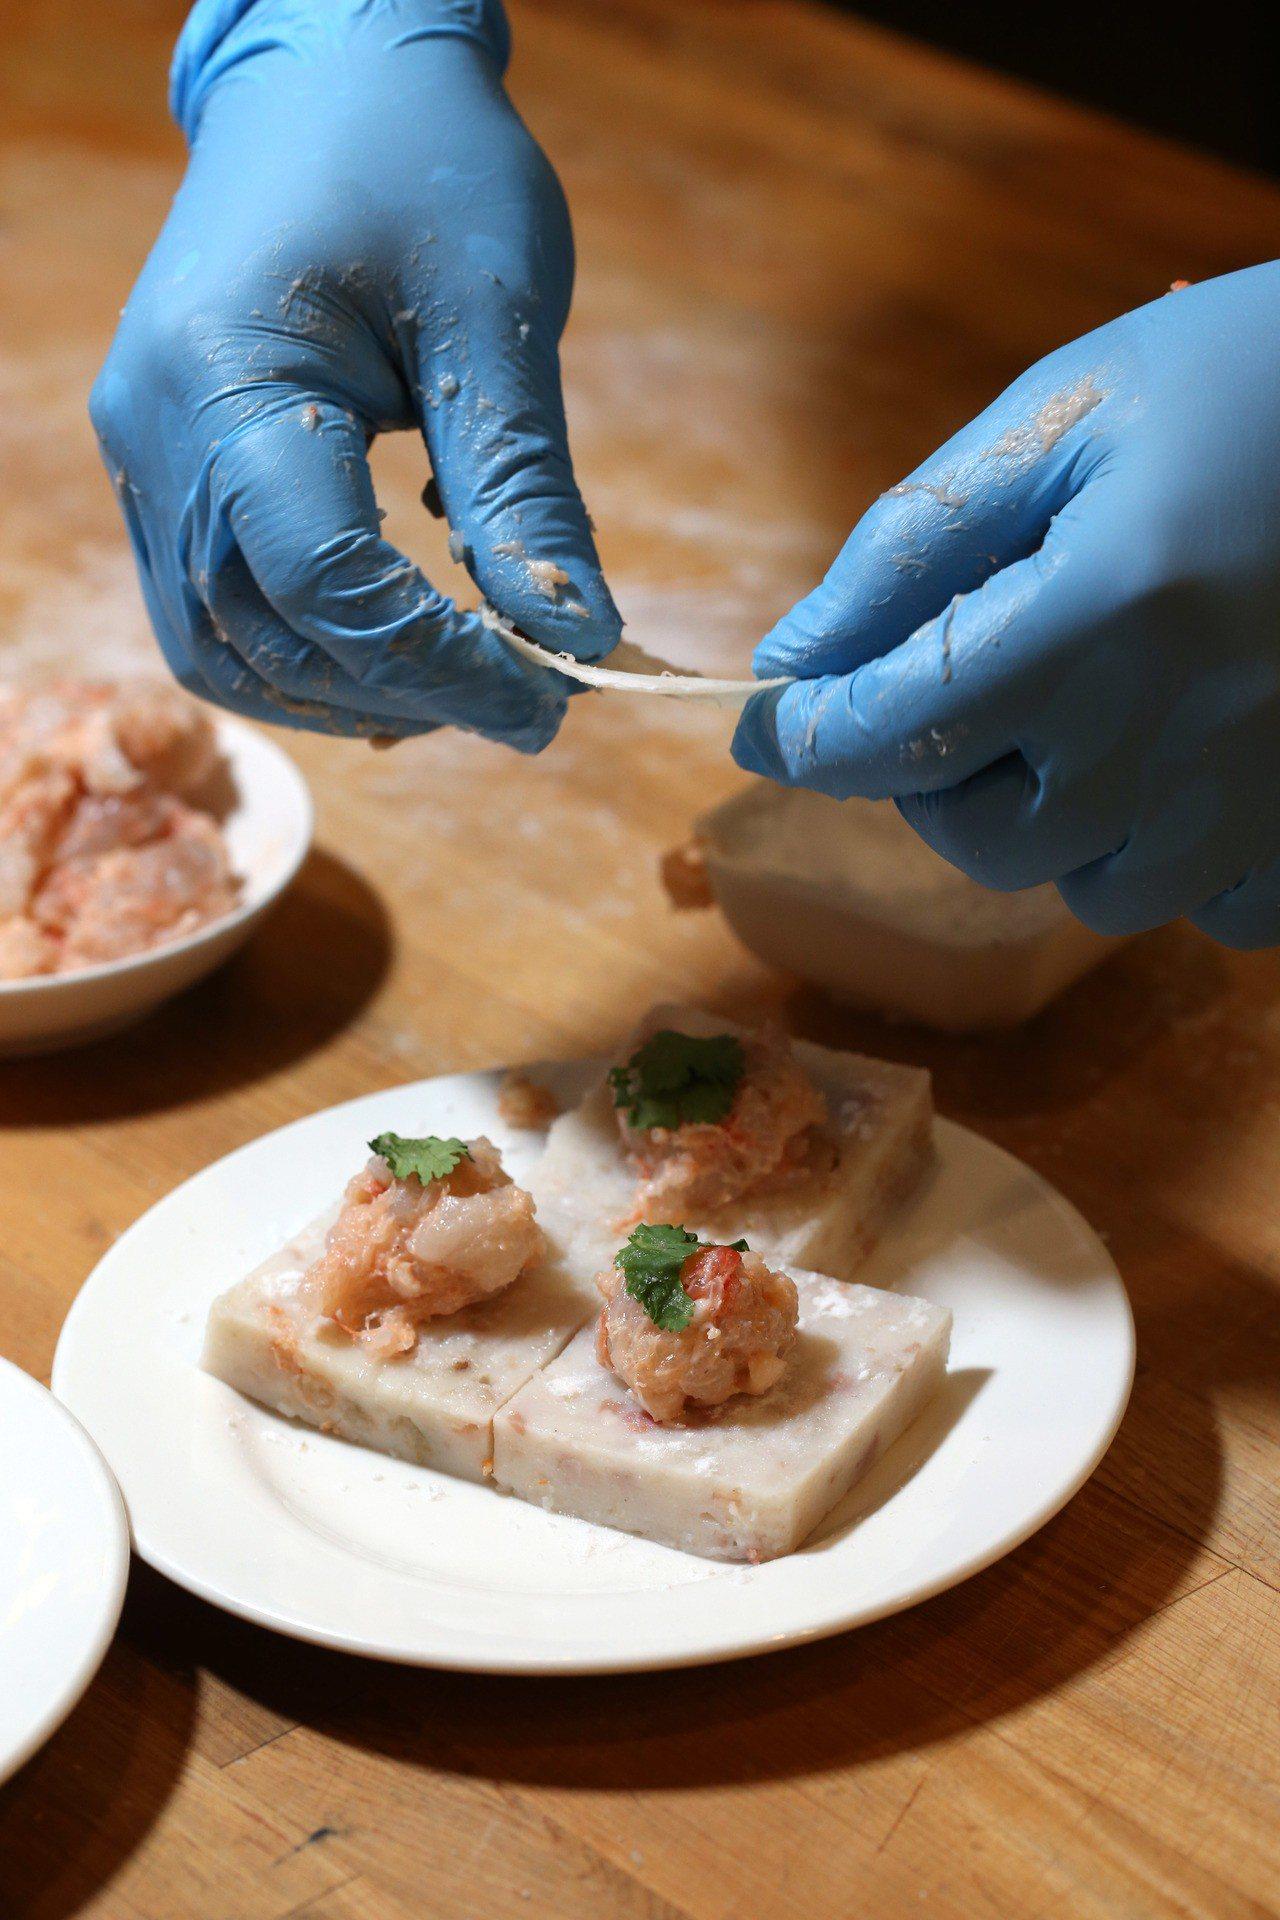 「蘿蔔糕蝦多士」步驟1、2,蝦子去頭去腸泥後切碎,豬皮切碎,兩者充分混合。蘿蔔糕...